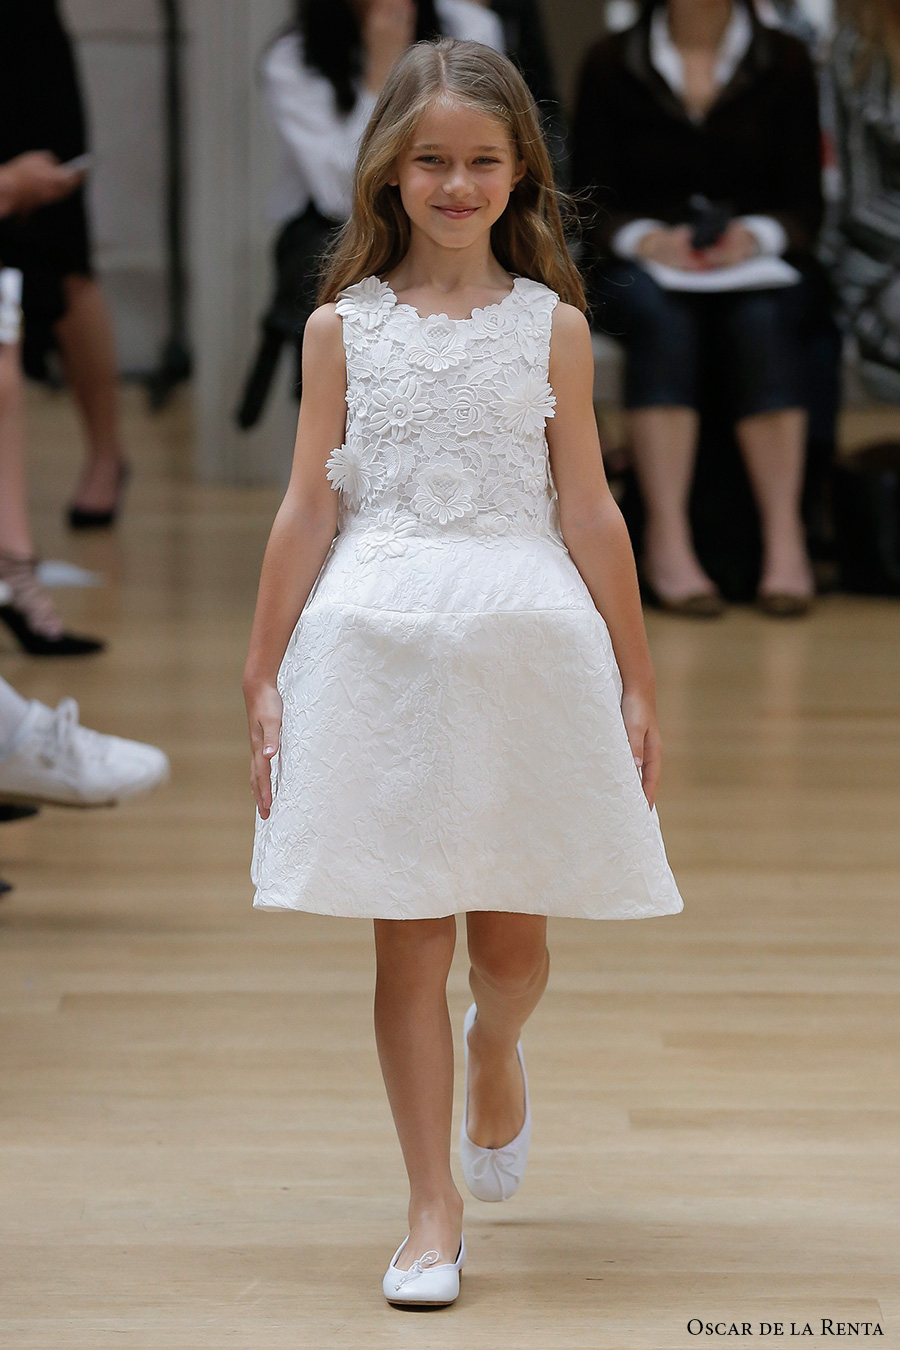 Wedding Dresses Oscar De La Renta 84 Trend oscar de la renta